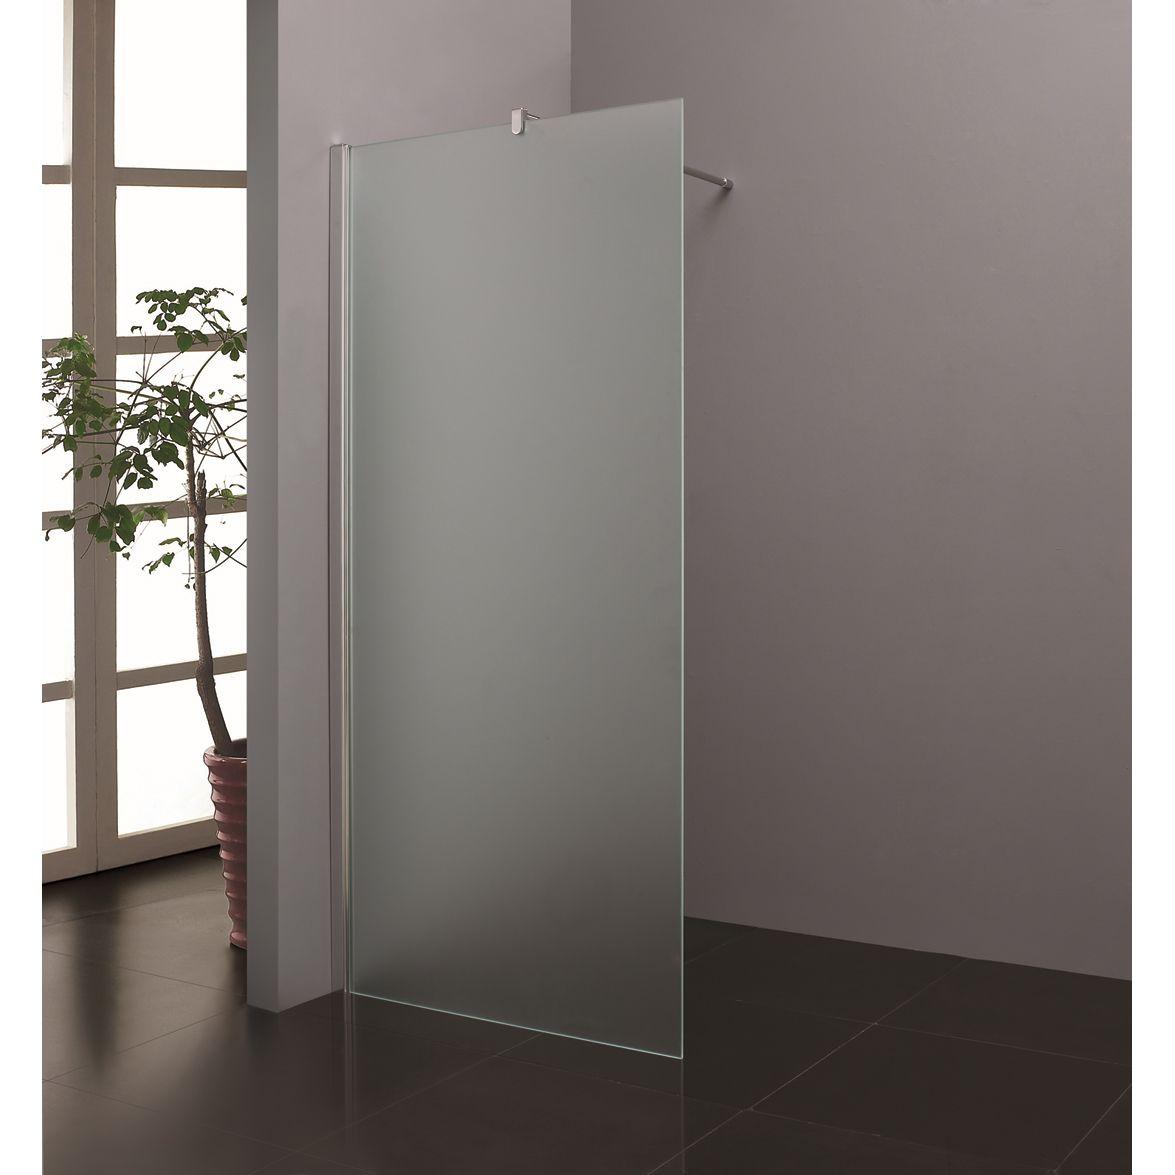 Inloopdouche met gemetselde muur ontwerp inspiratie voor uw badkamer meubels thuis - Hoe kleed je een witte muur ...